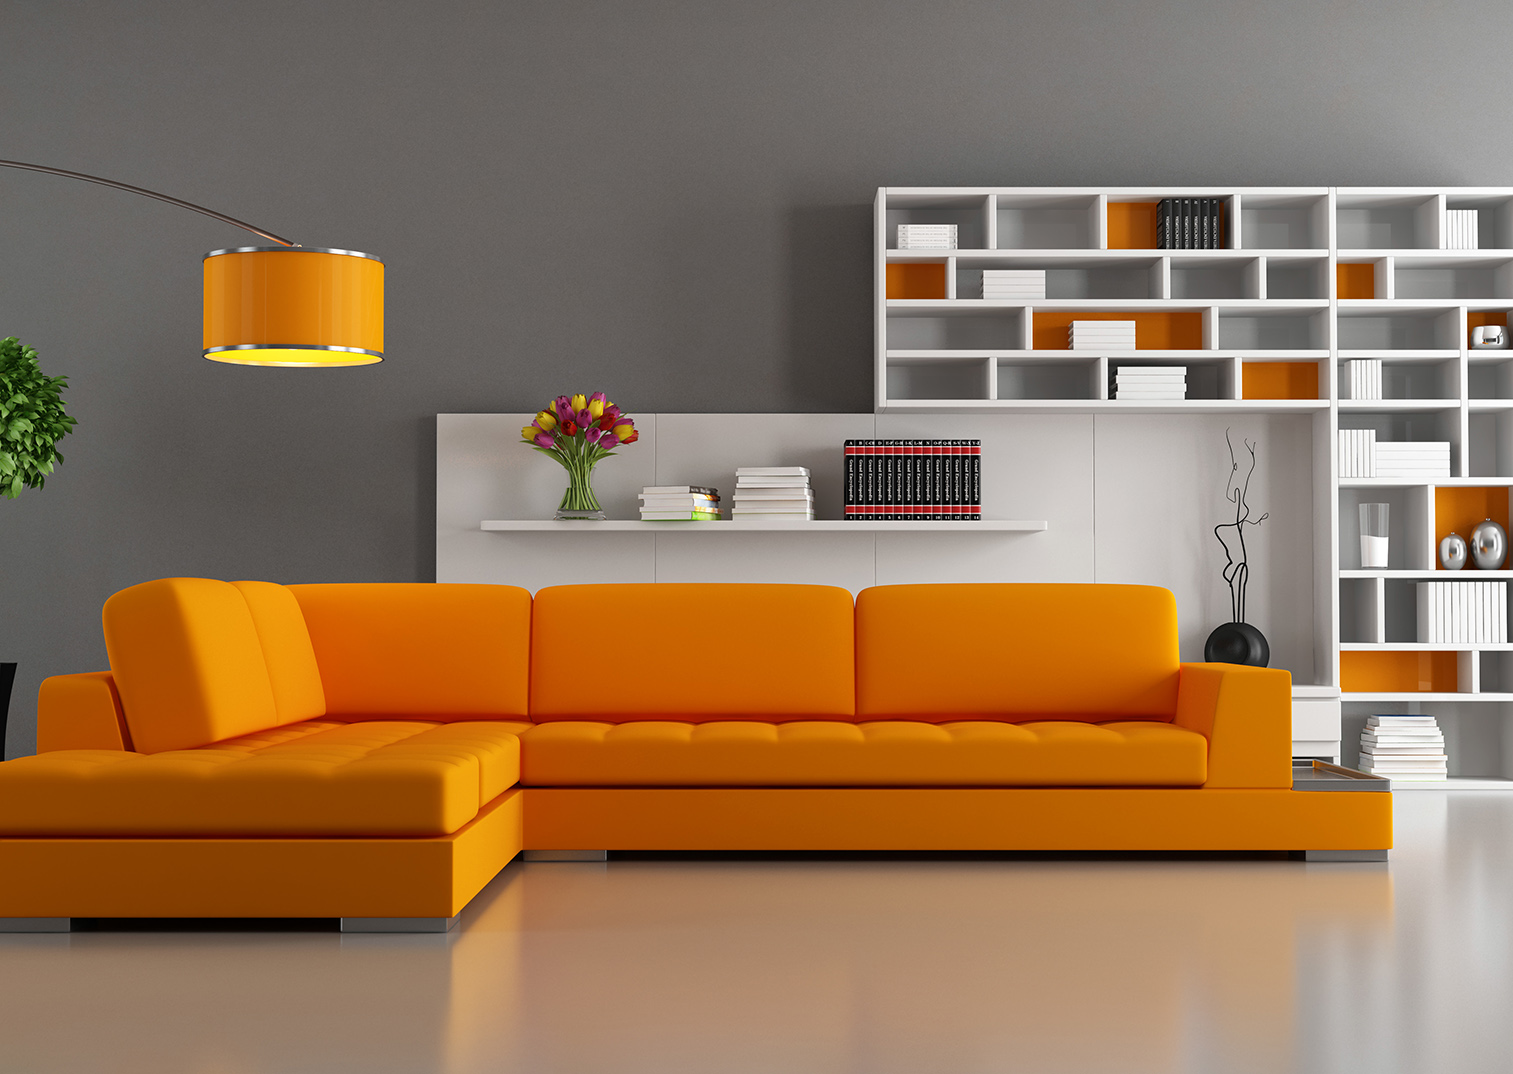 Tu tienda de muebles de verdad muebles casanova - Muebles casanova ...